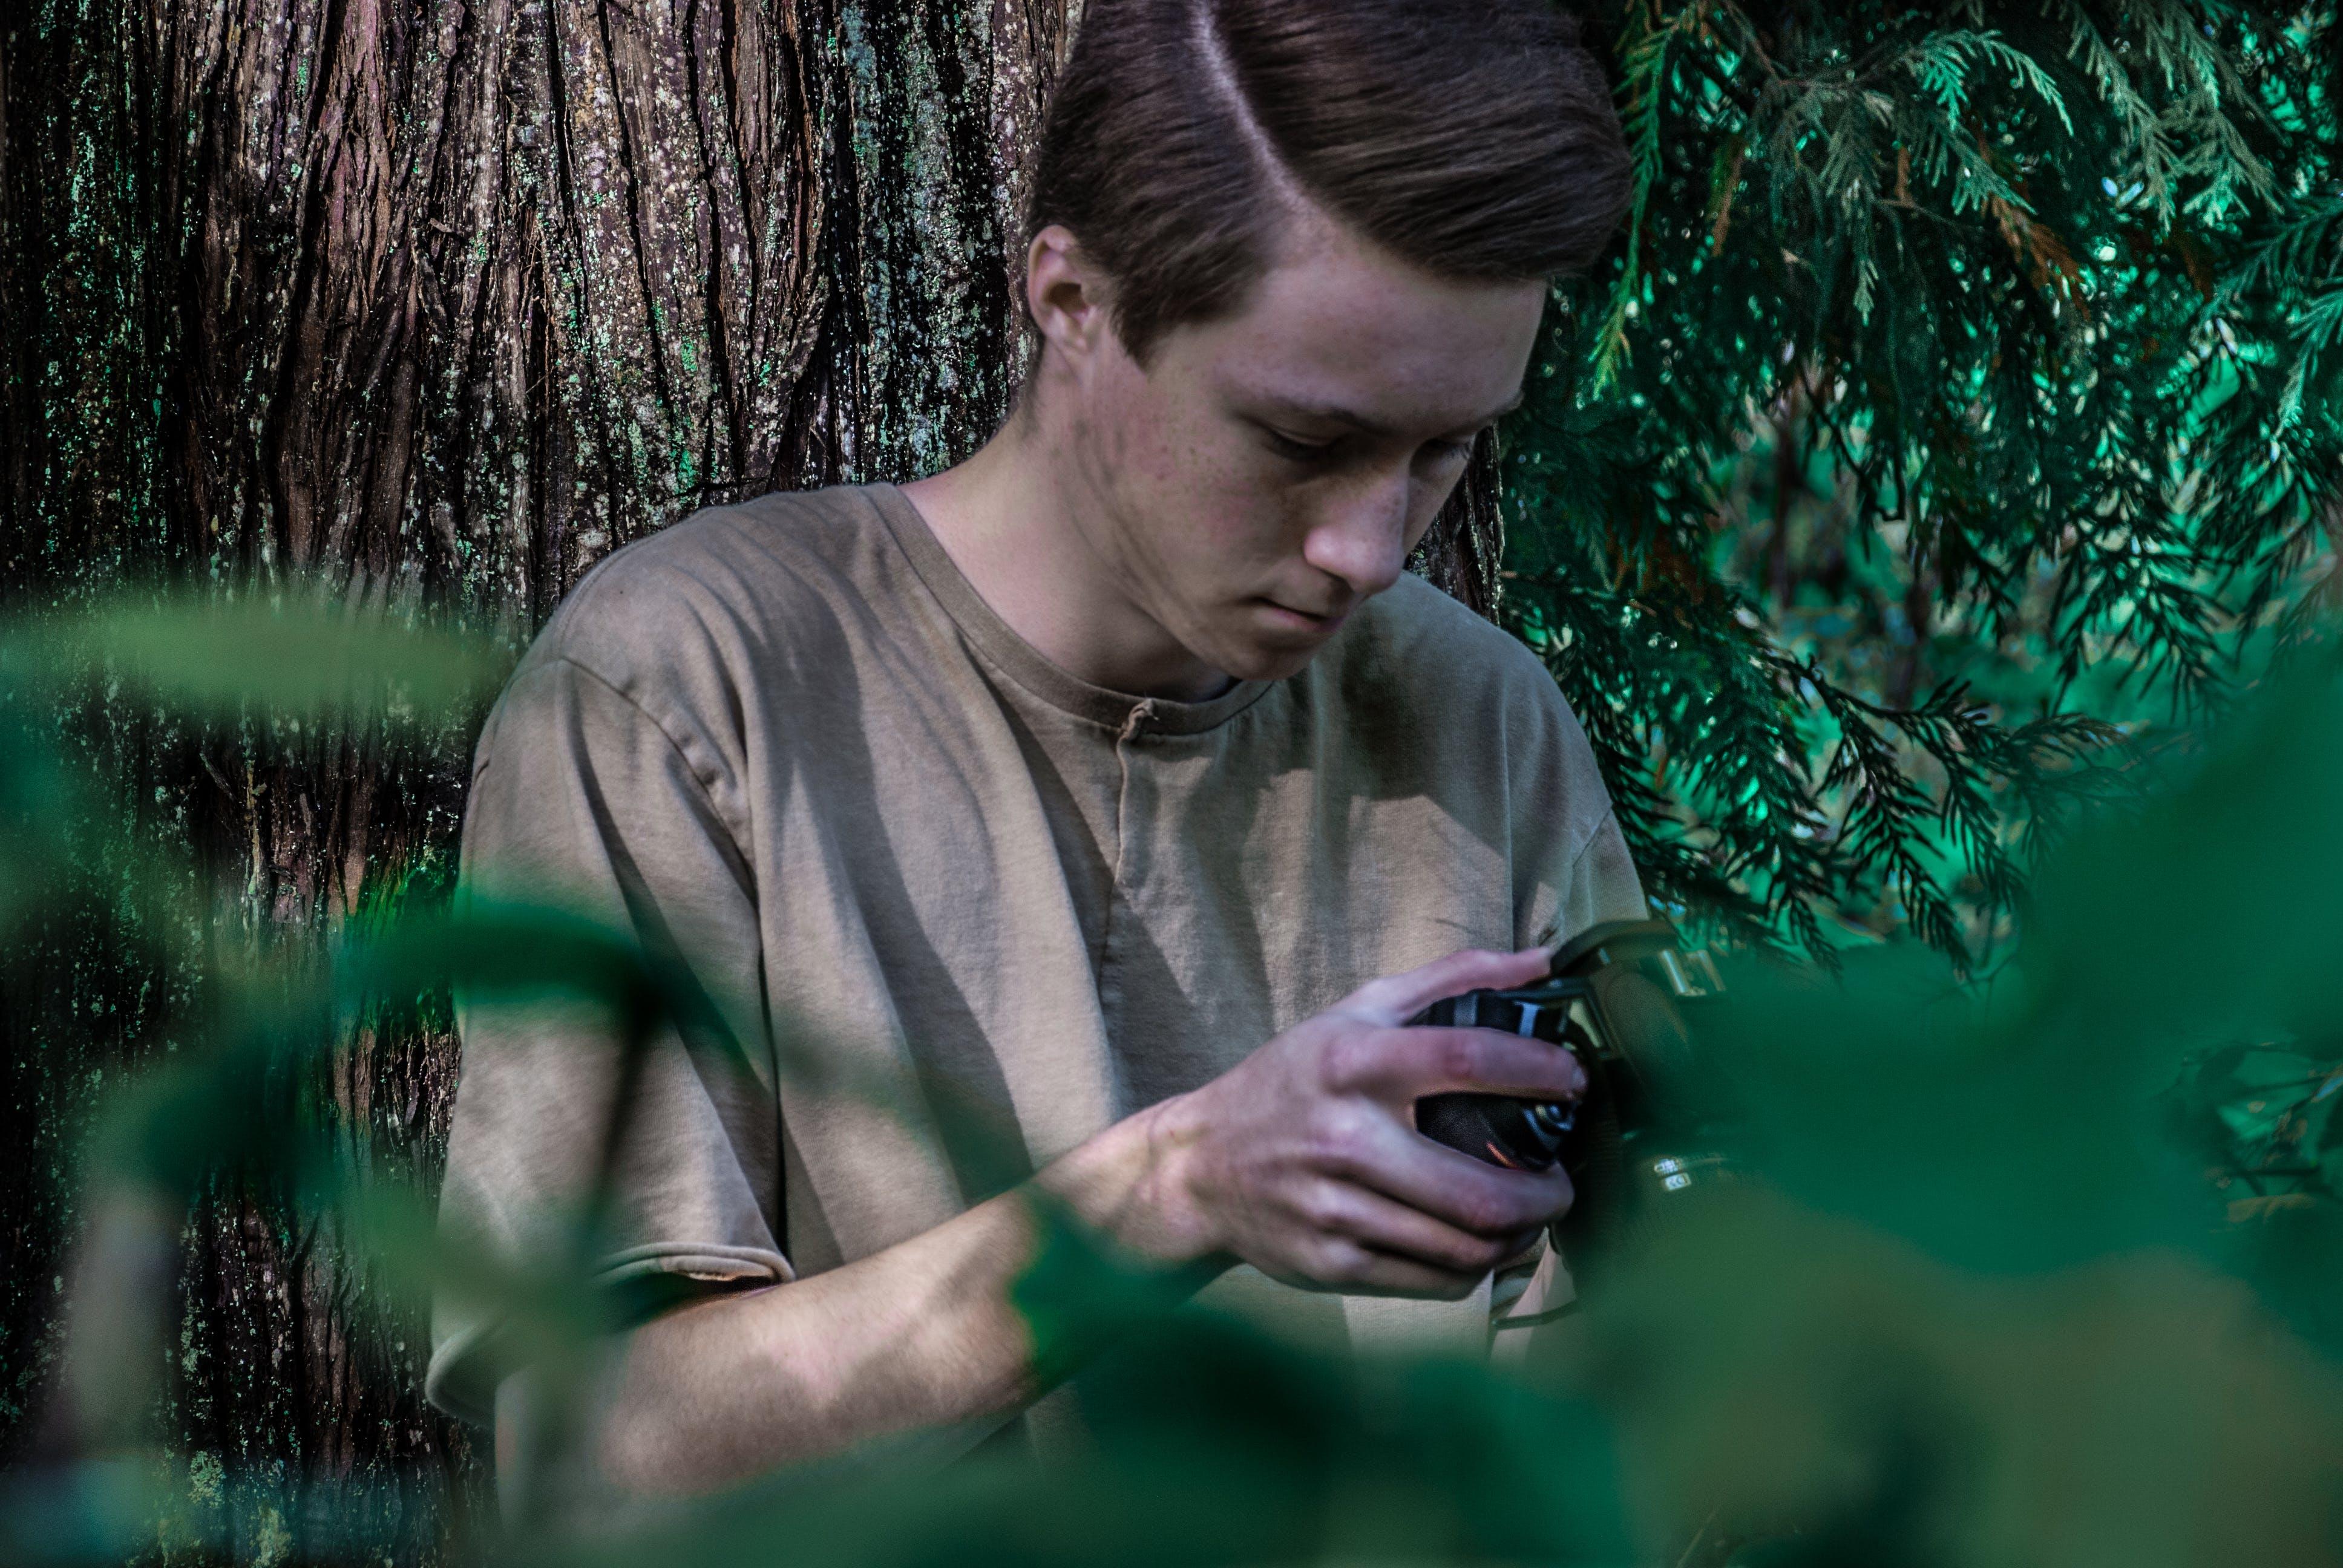 Gratis lagerfoto af Dreng, fotografi, fritid, hænder